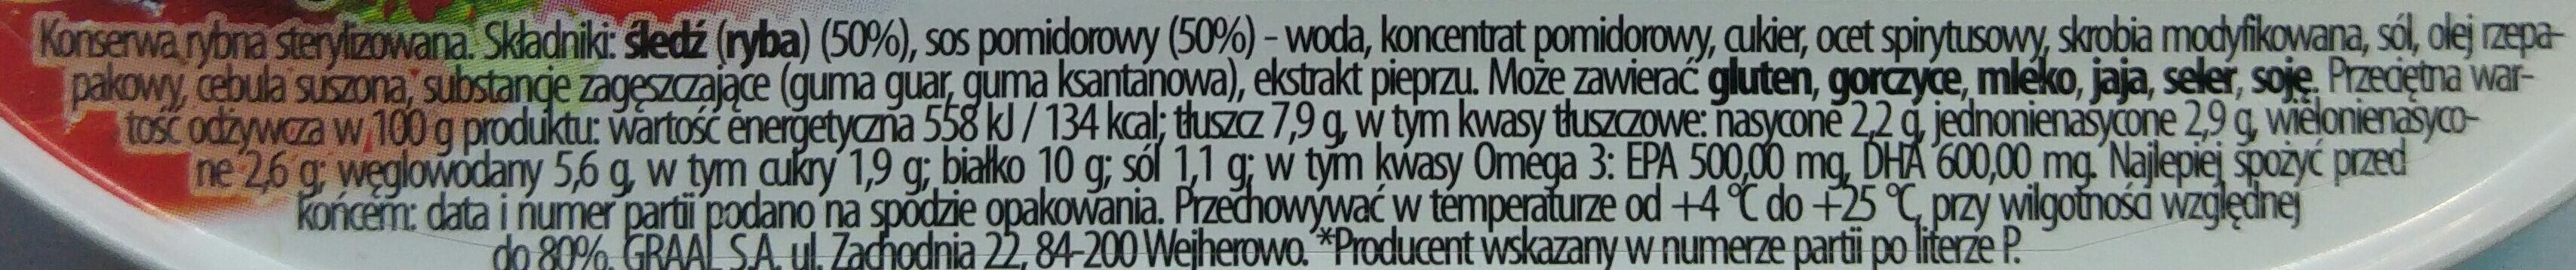 Śledź w sosie pomidorowym. - Voedingswaarden - pl